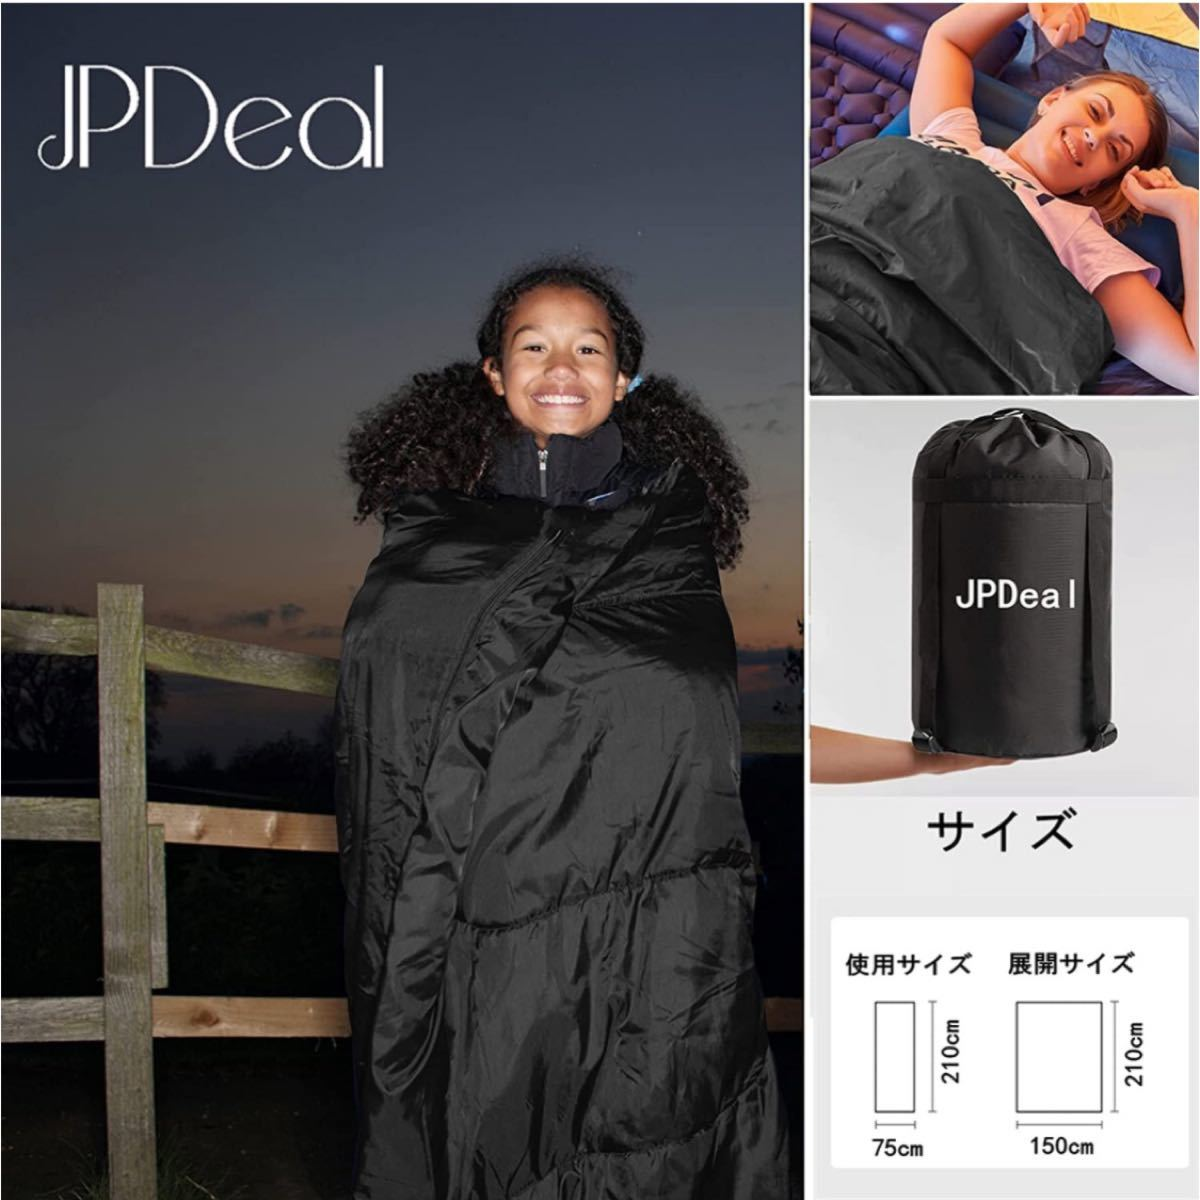 寝袋 シュラフ シュラフカバー 封筒型 コンパクト キャンプ アウトドア 車中泊